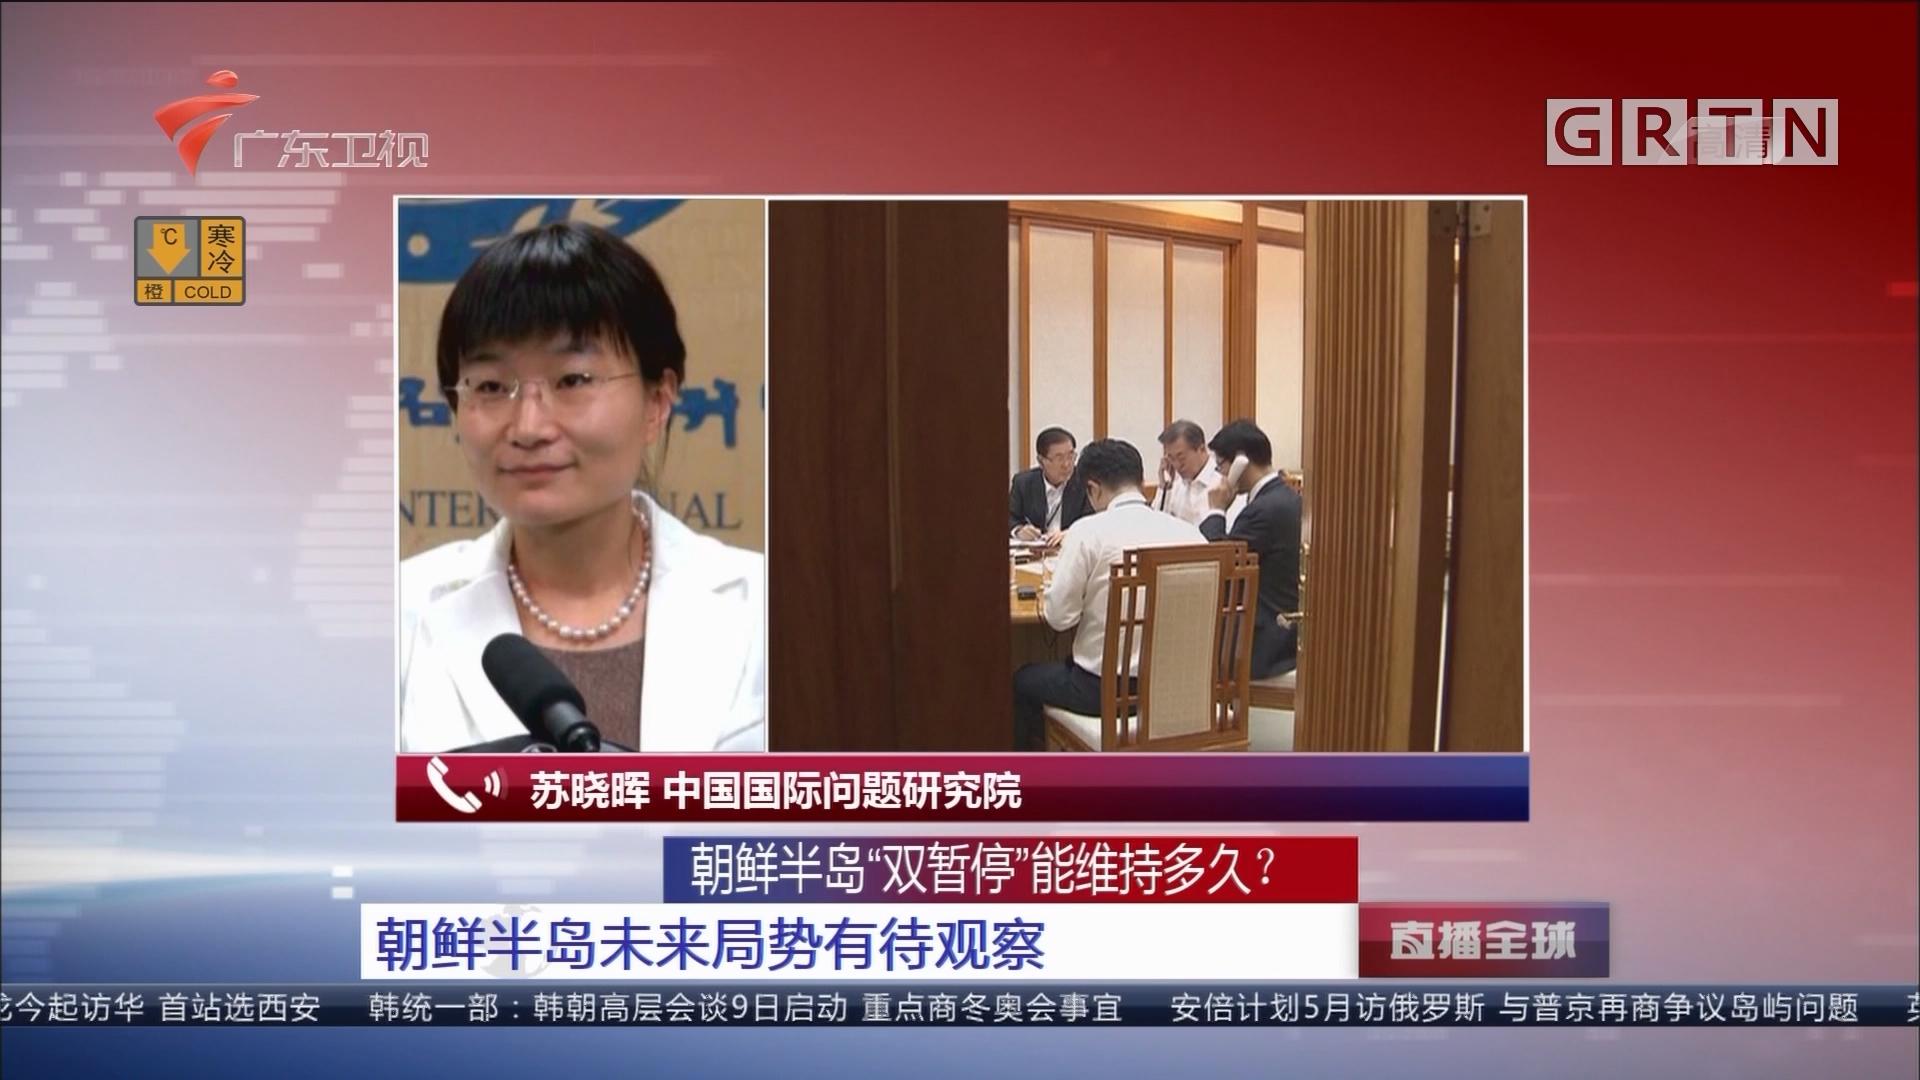 """朝鲜半岛""""双暂停""""能维持多久? 朝鲜半岛未来局势有待观察"""